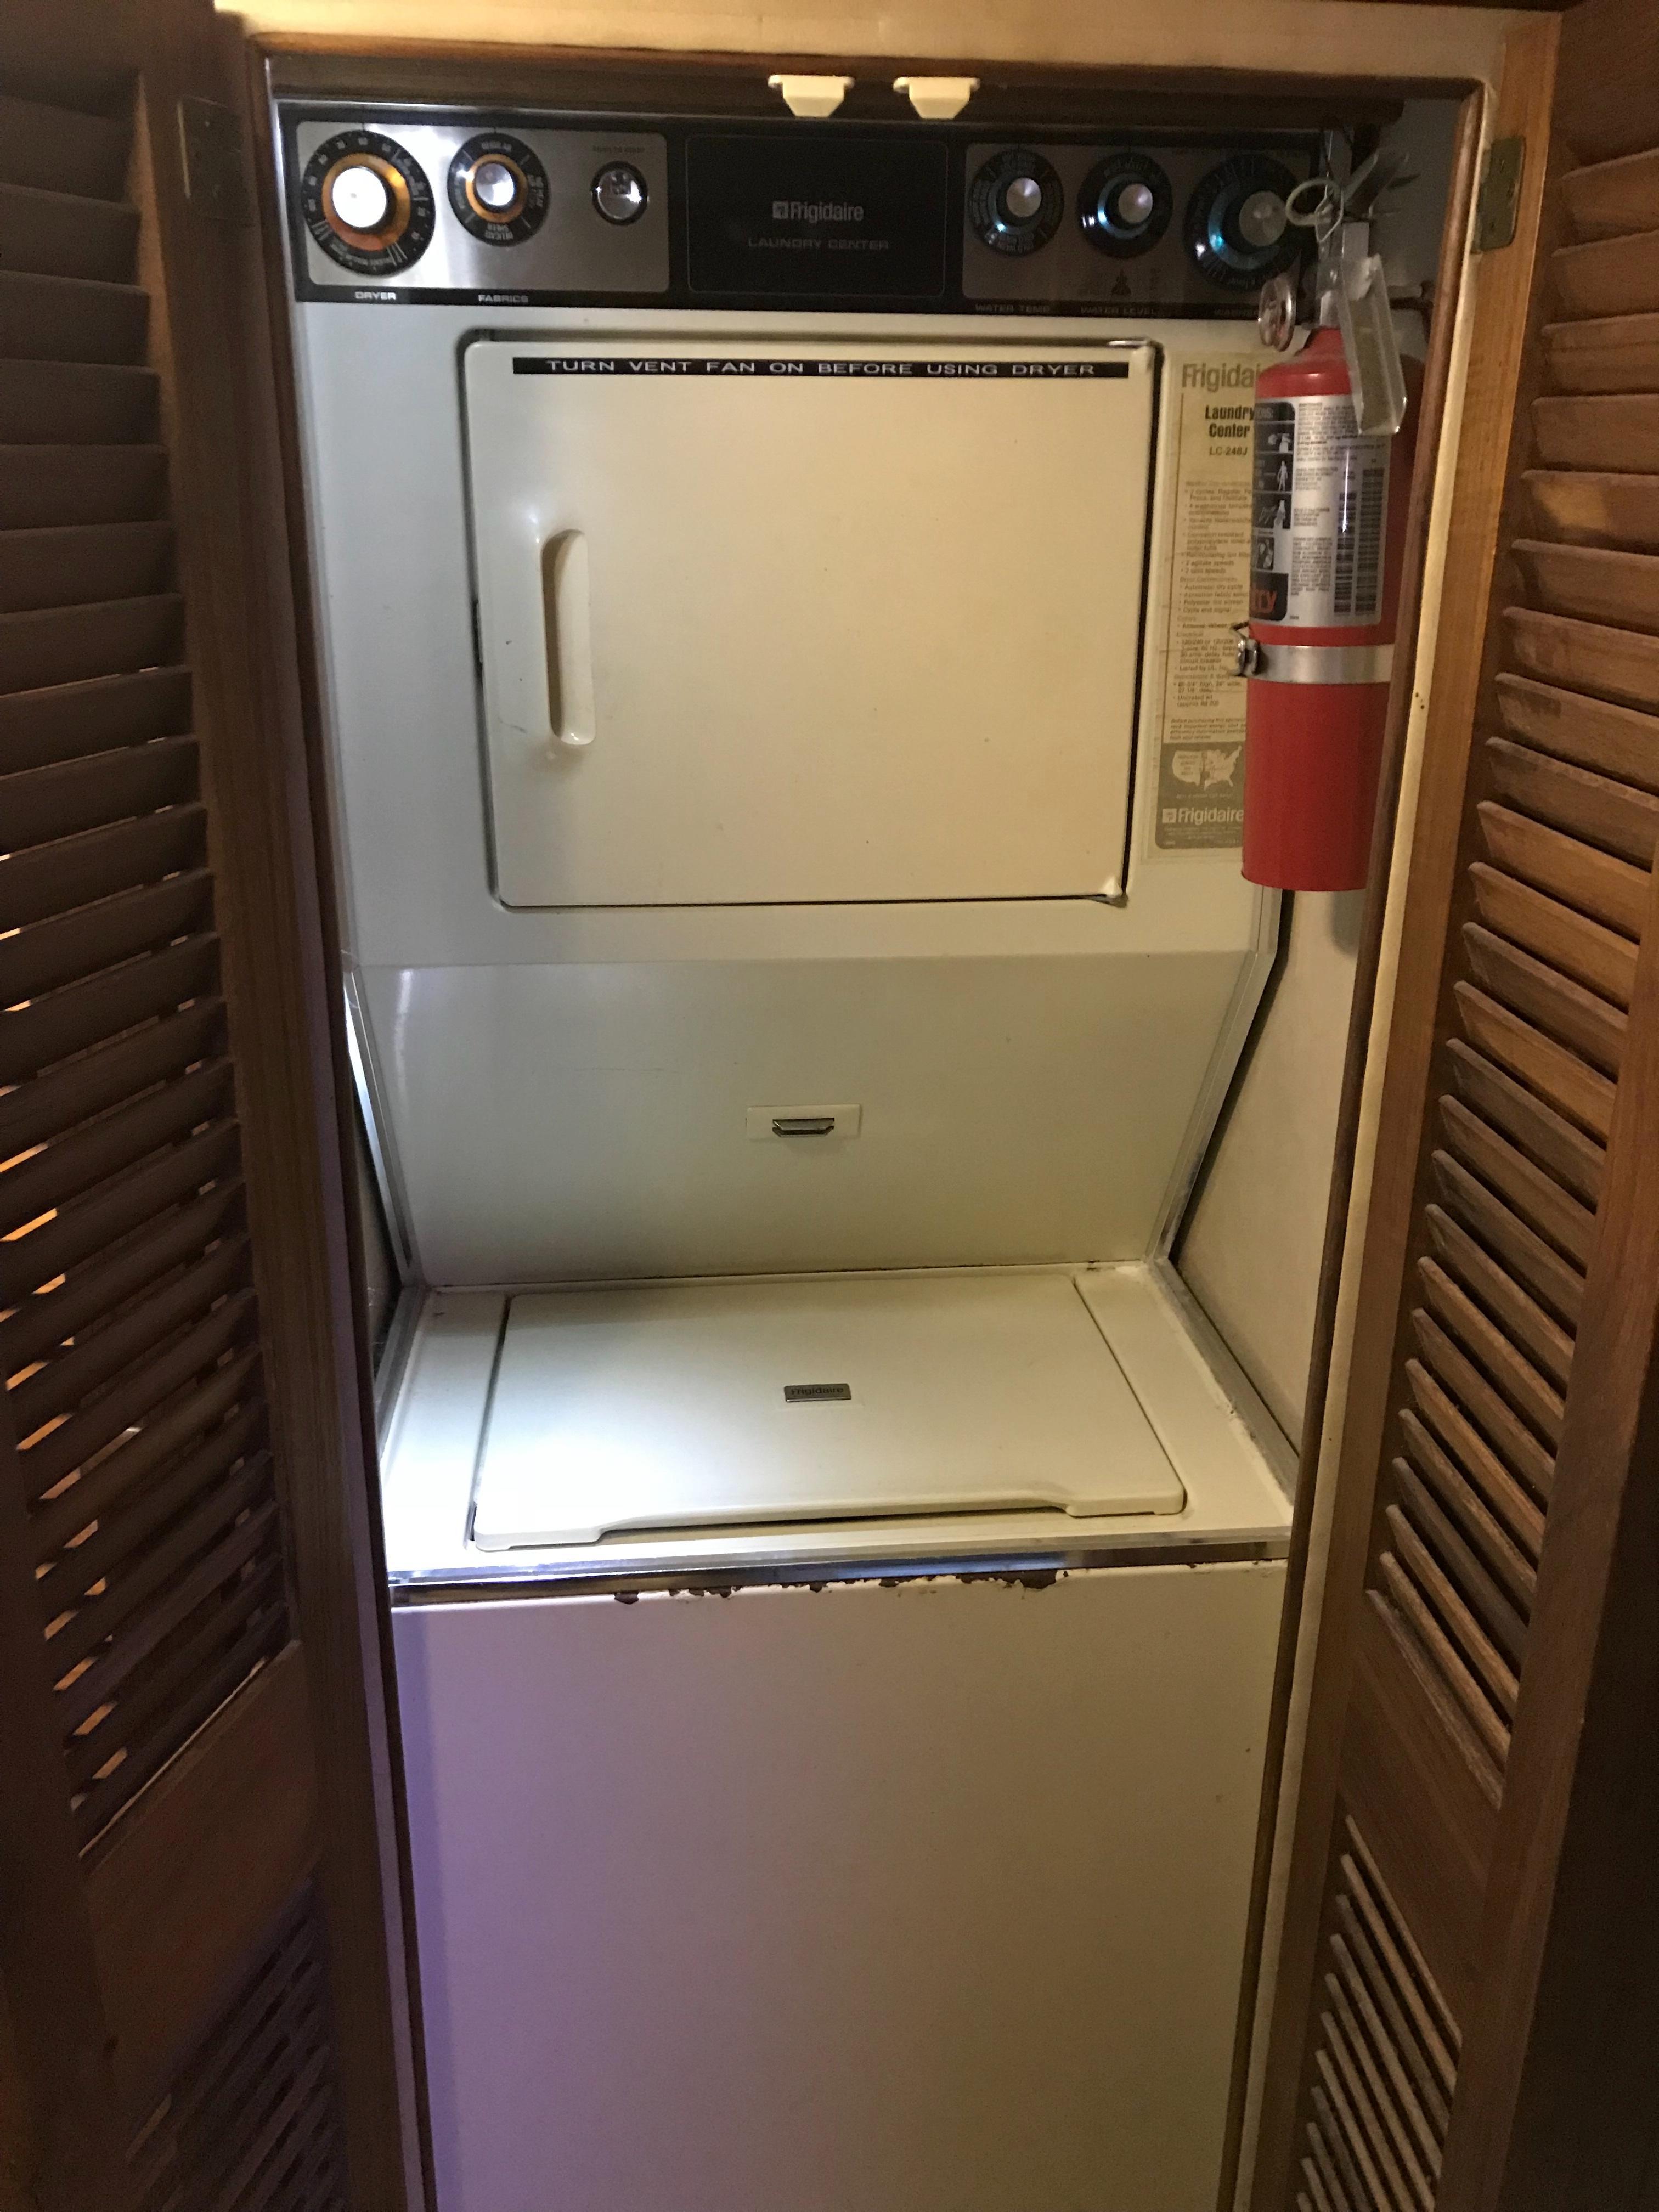 Chris-craft 46 Constellation - Washer/Dryer in Forward Stateroom